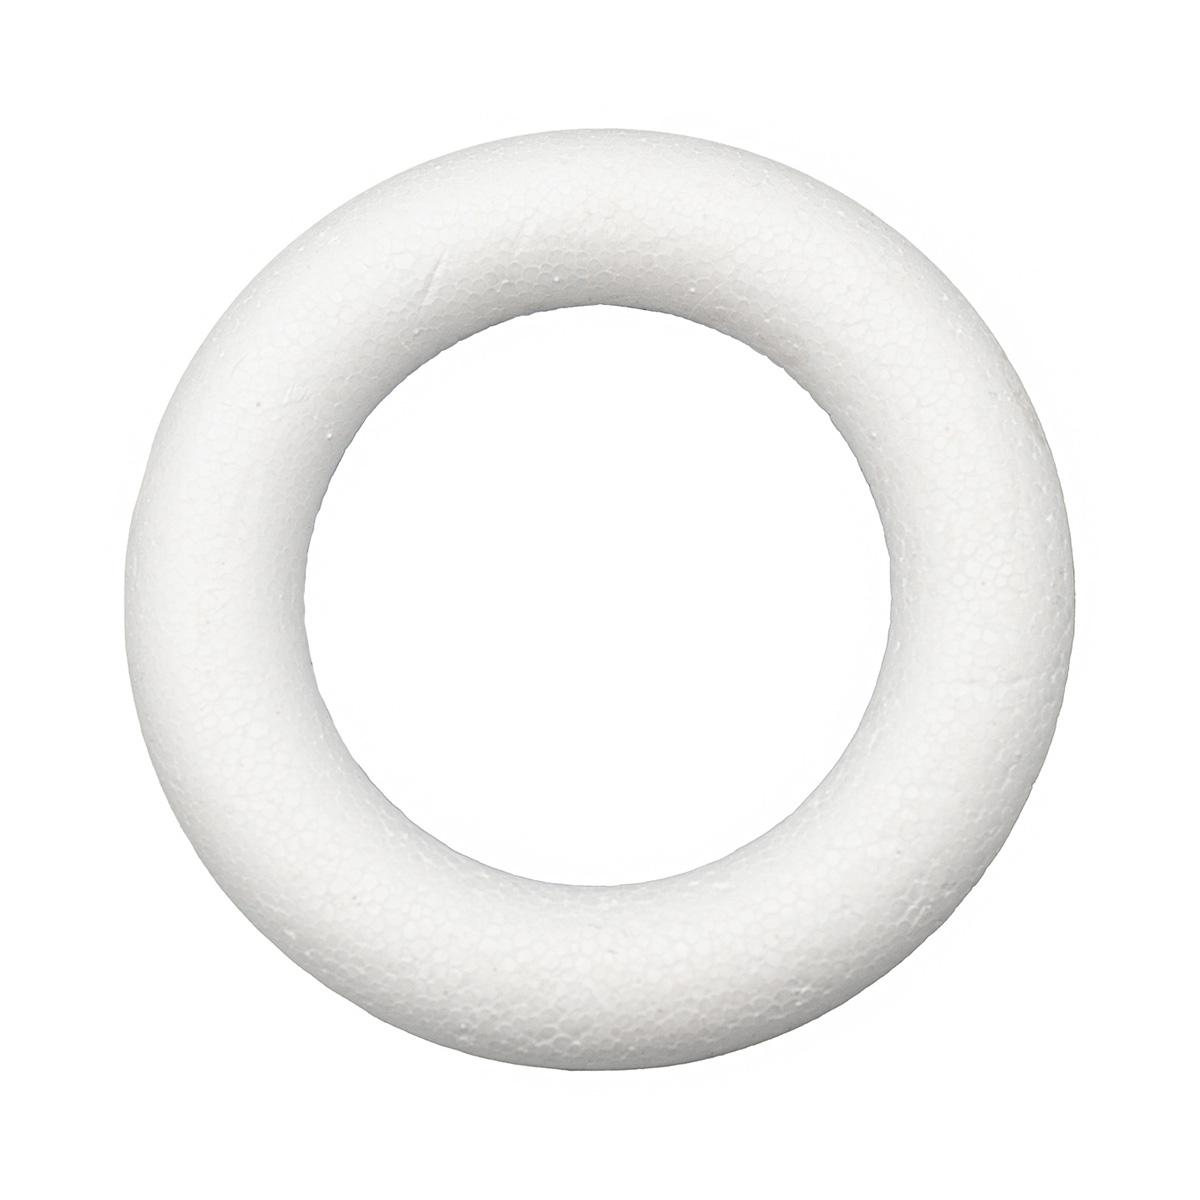 Заготовка для декорирования из пенопласта 'Венок плоский', d 12,5см